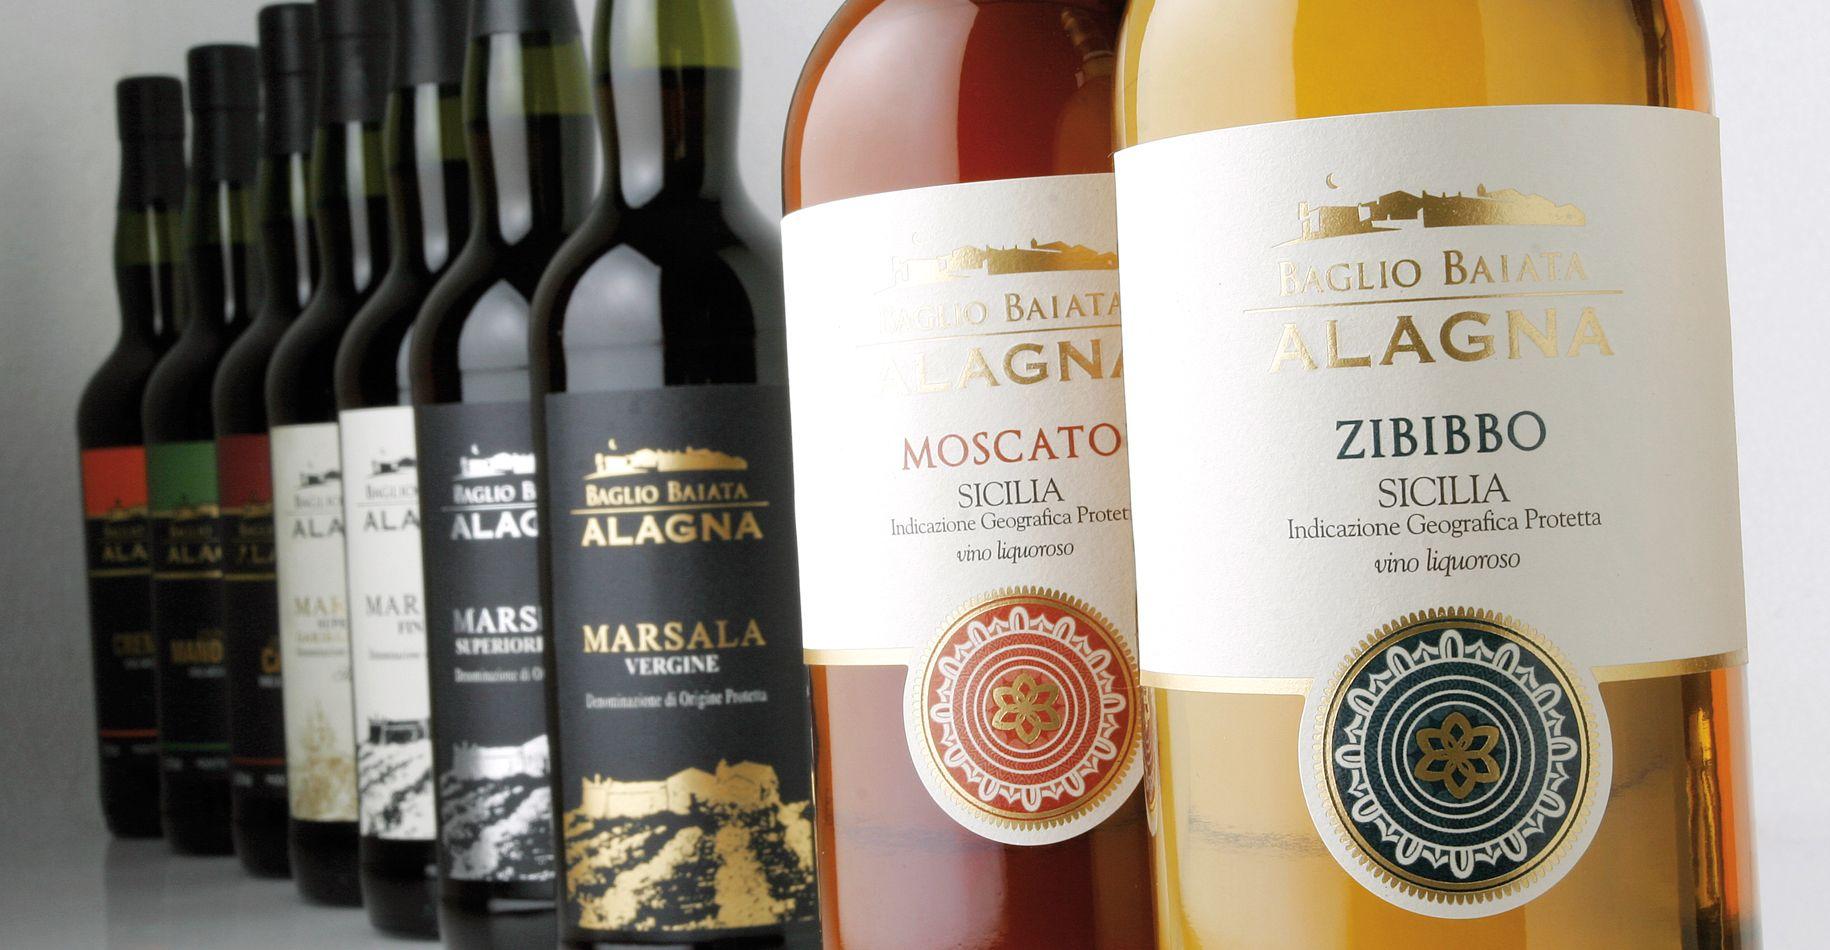 Alagna vini linea vini